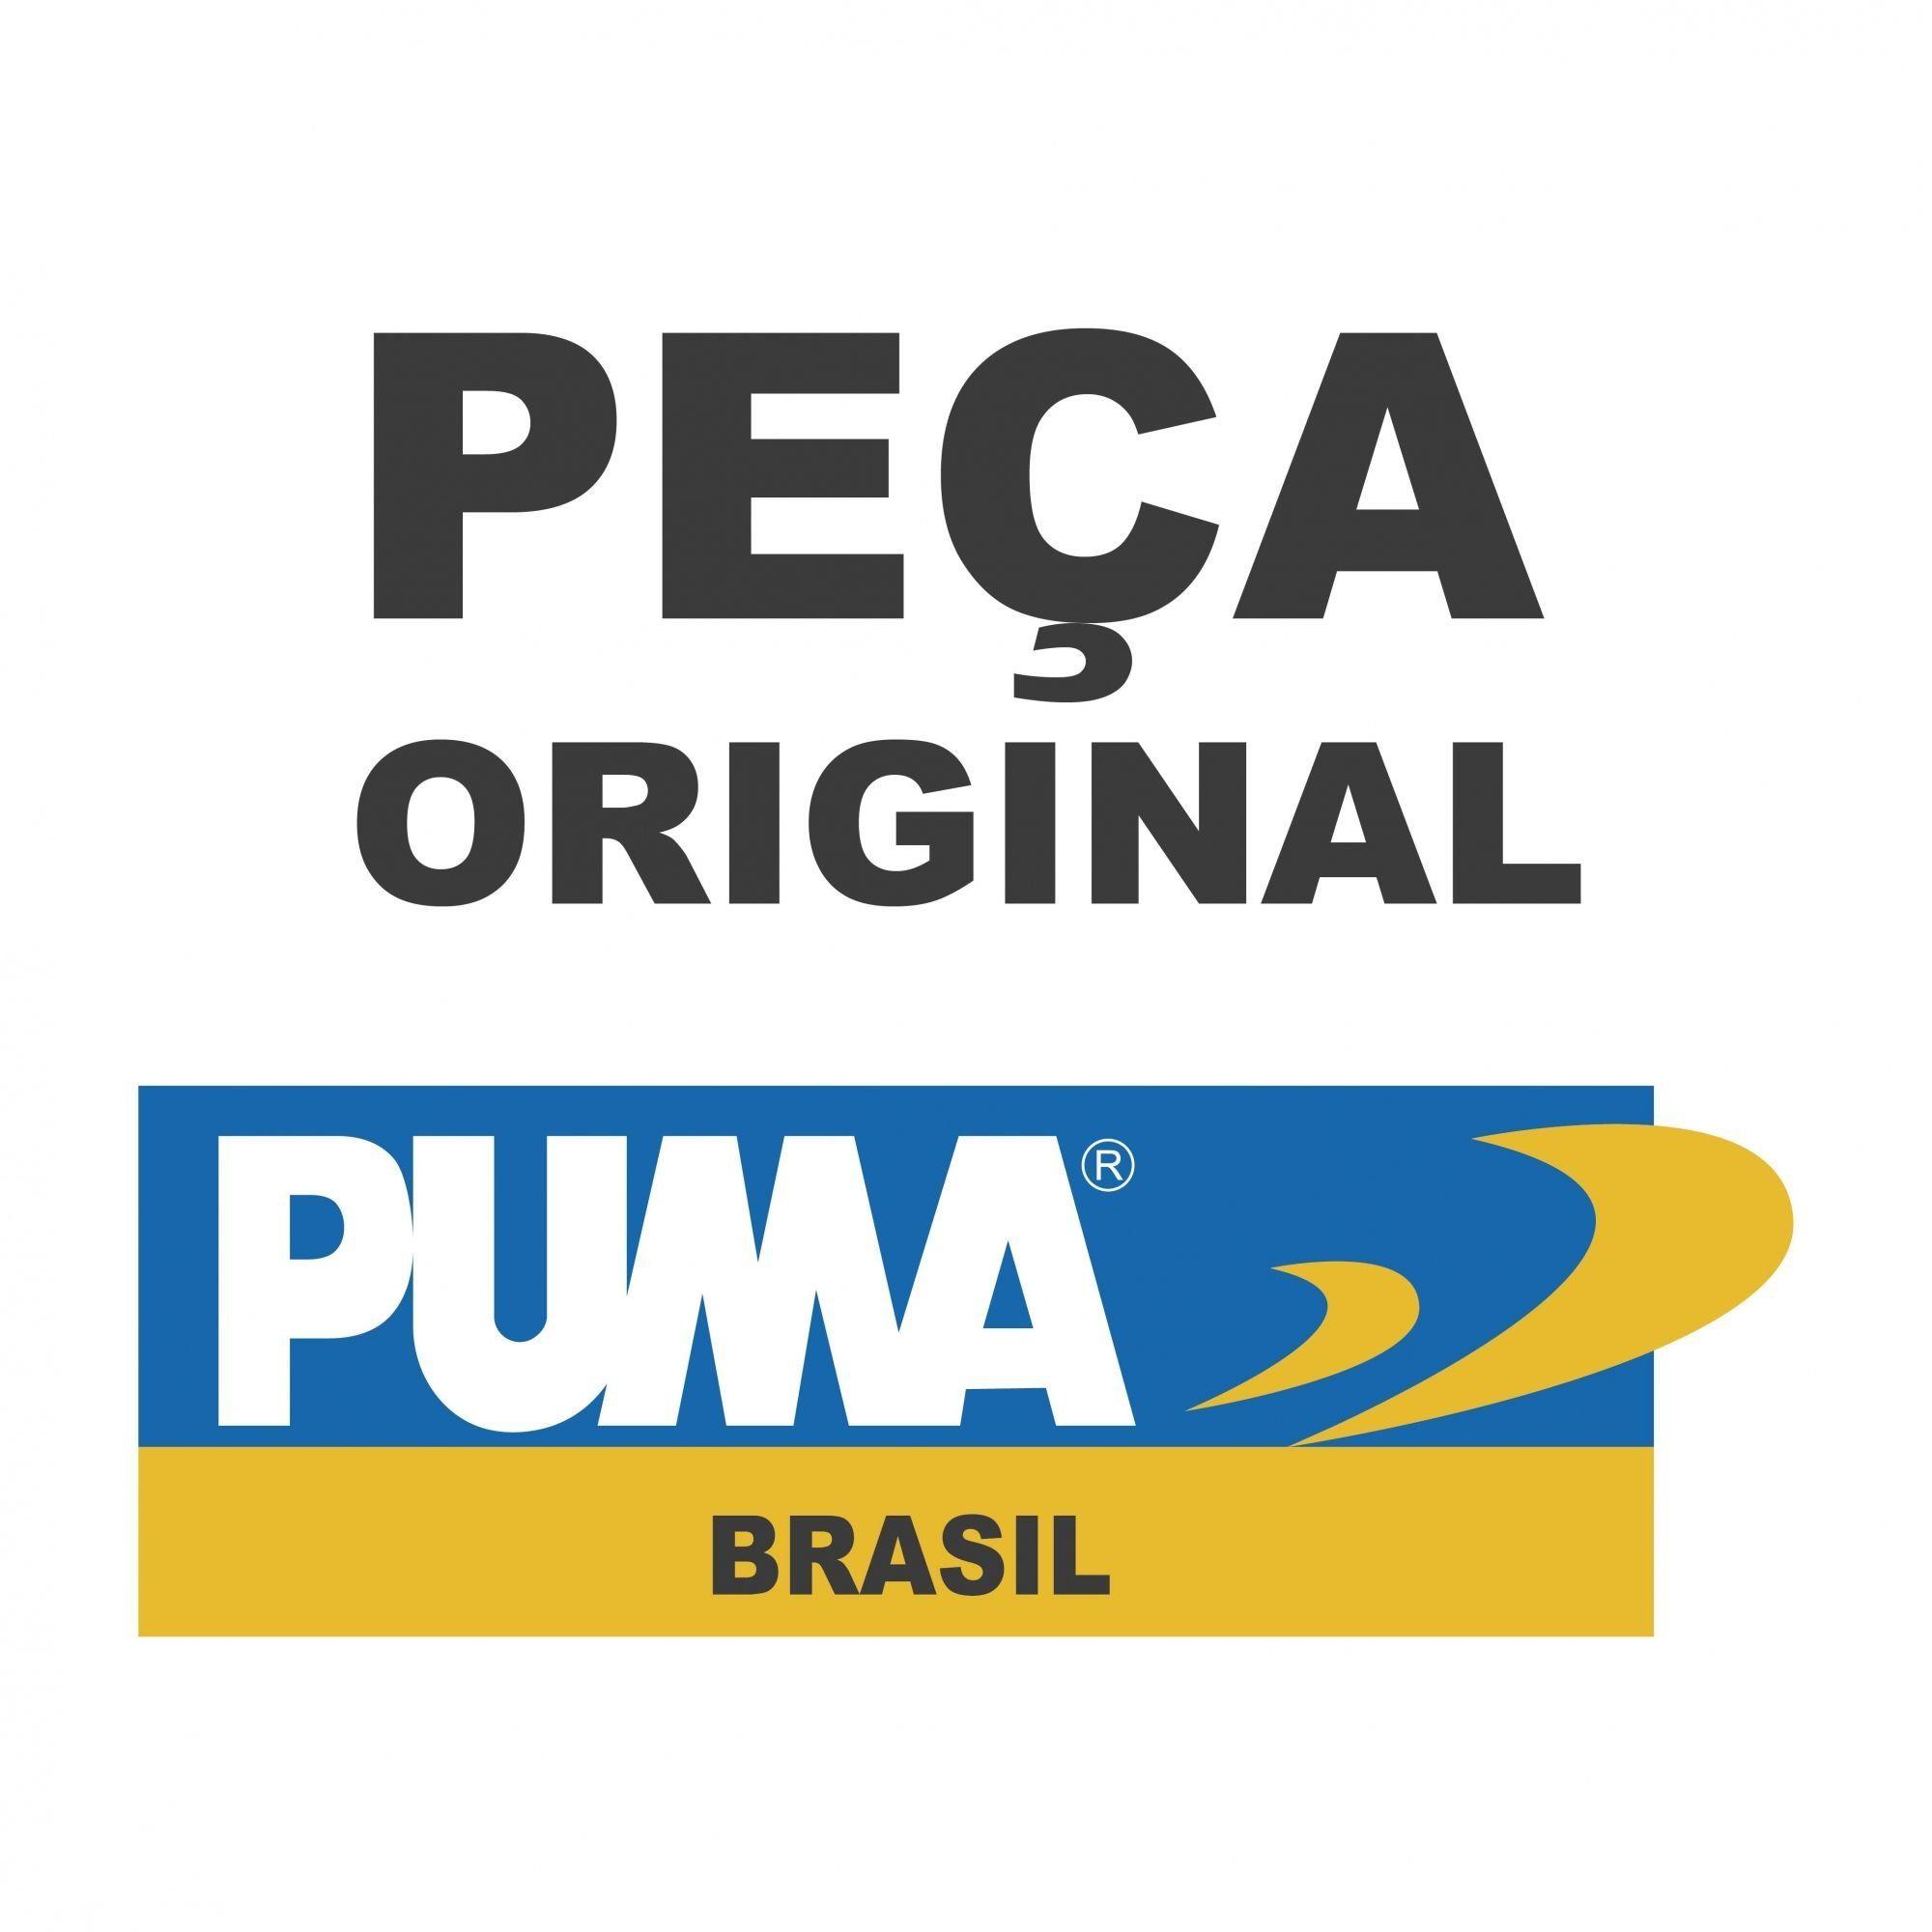 AGULHA DE PINTURA 0,8 MM - PEÇA PNEUMÁTICA PUMA - S1001-21